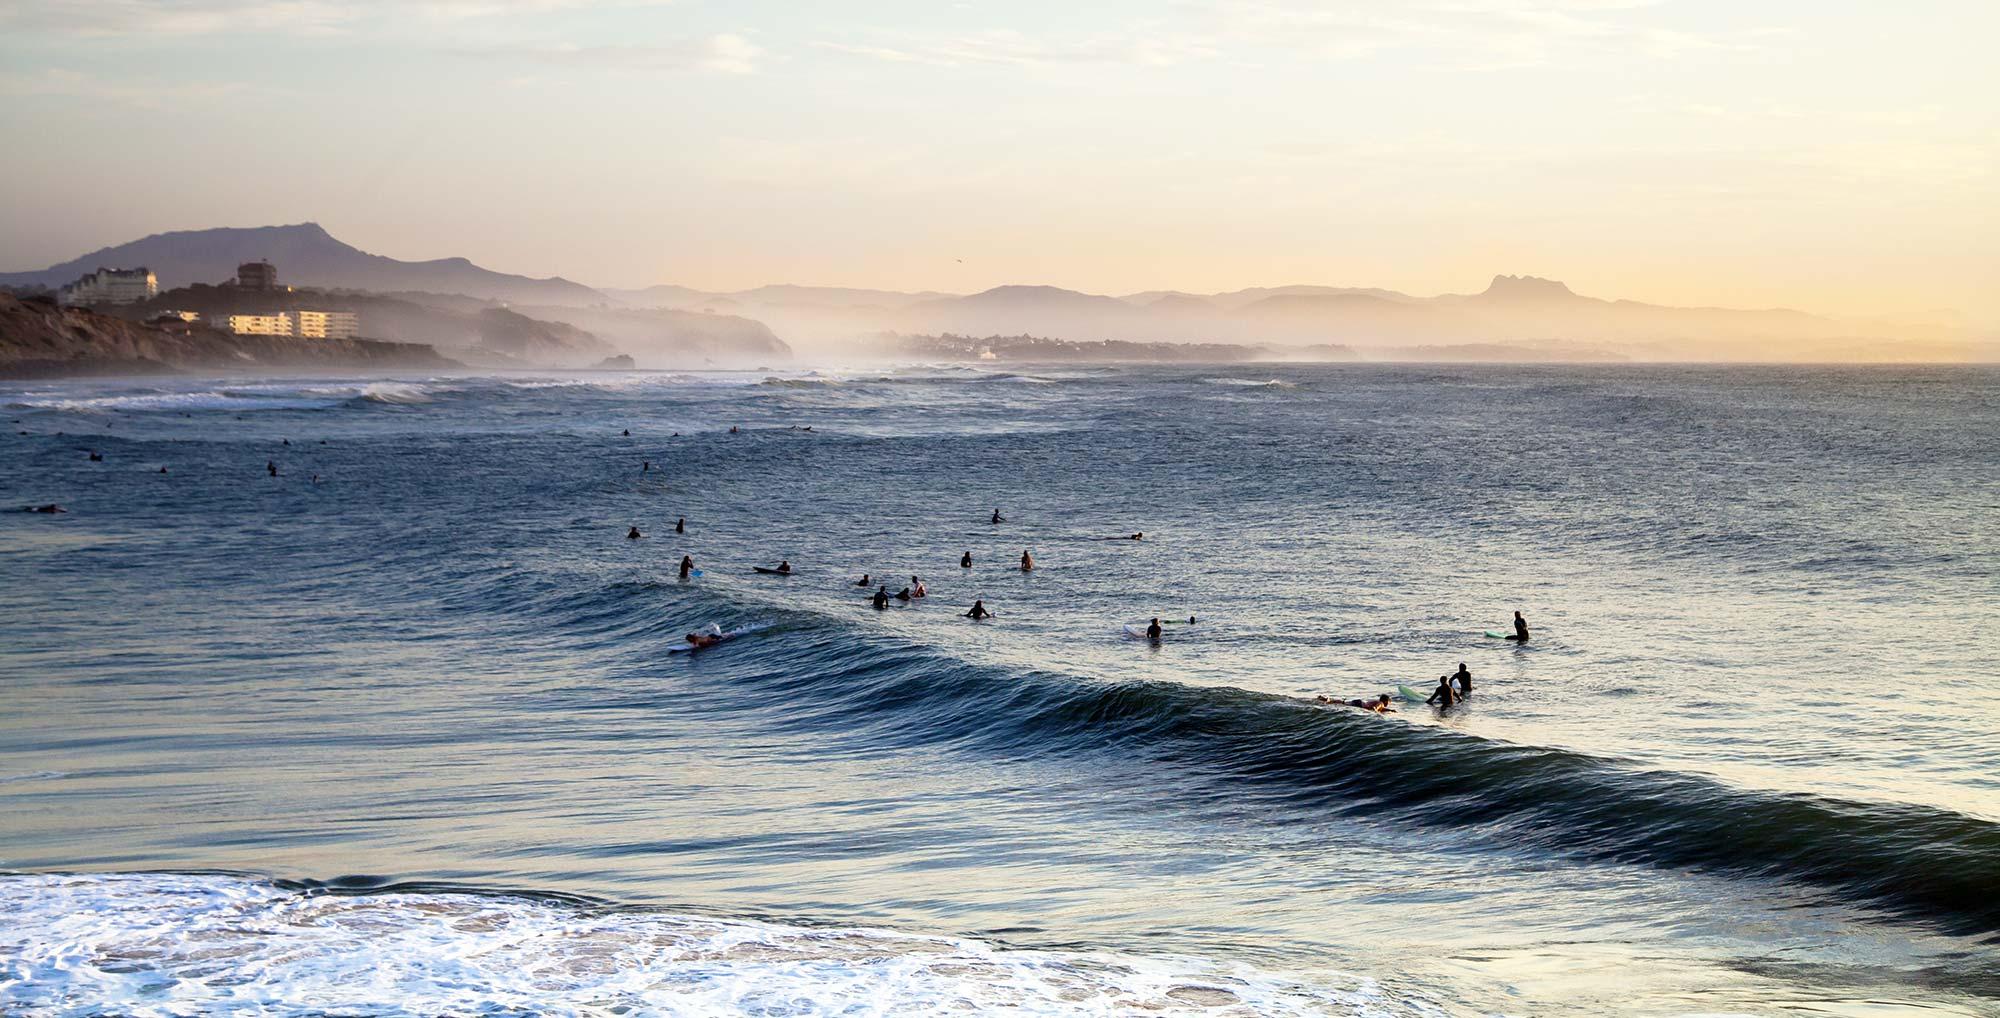 Surfeur sur une vagues et montagne en arrière plan